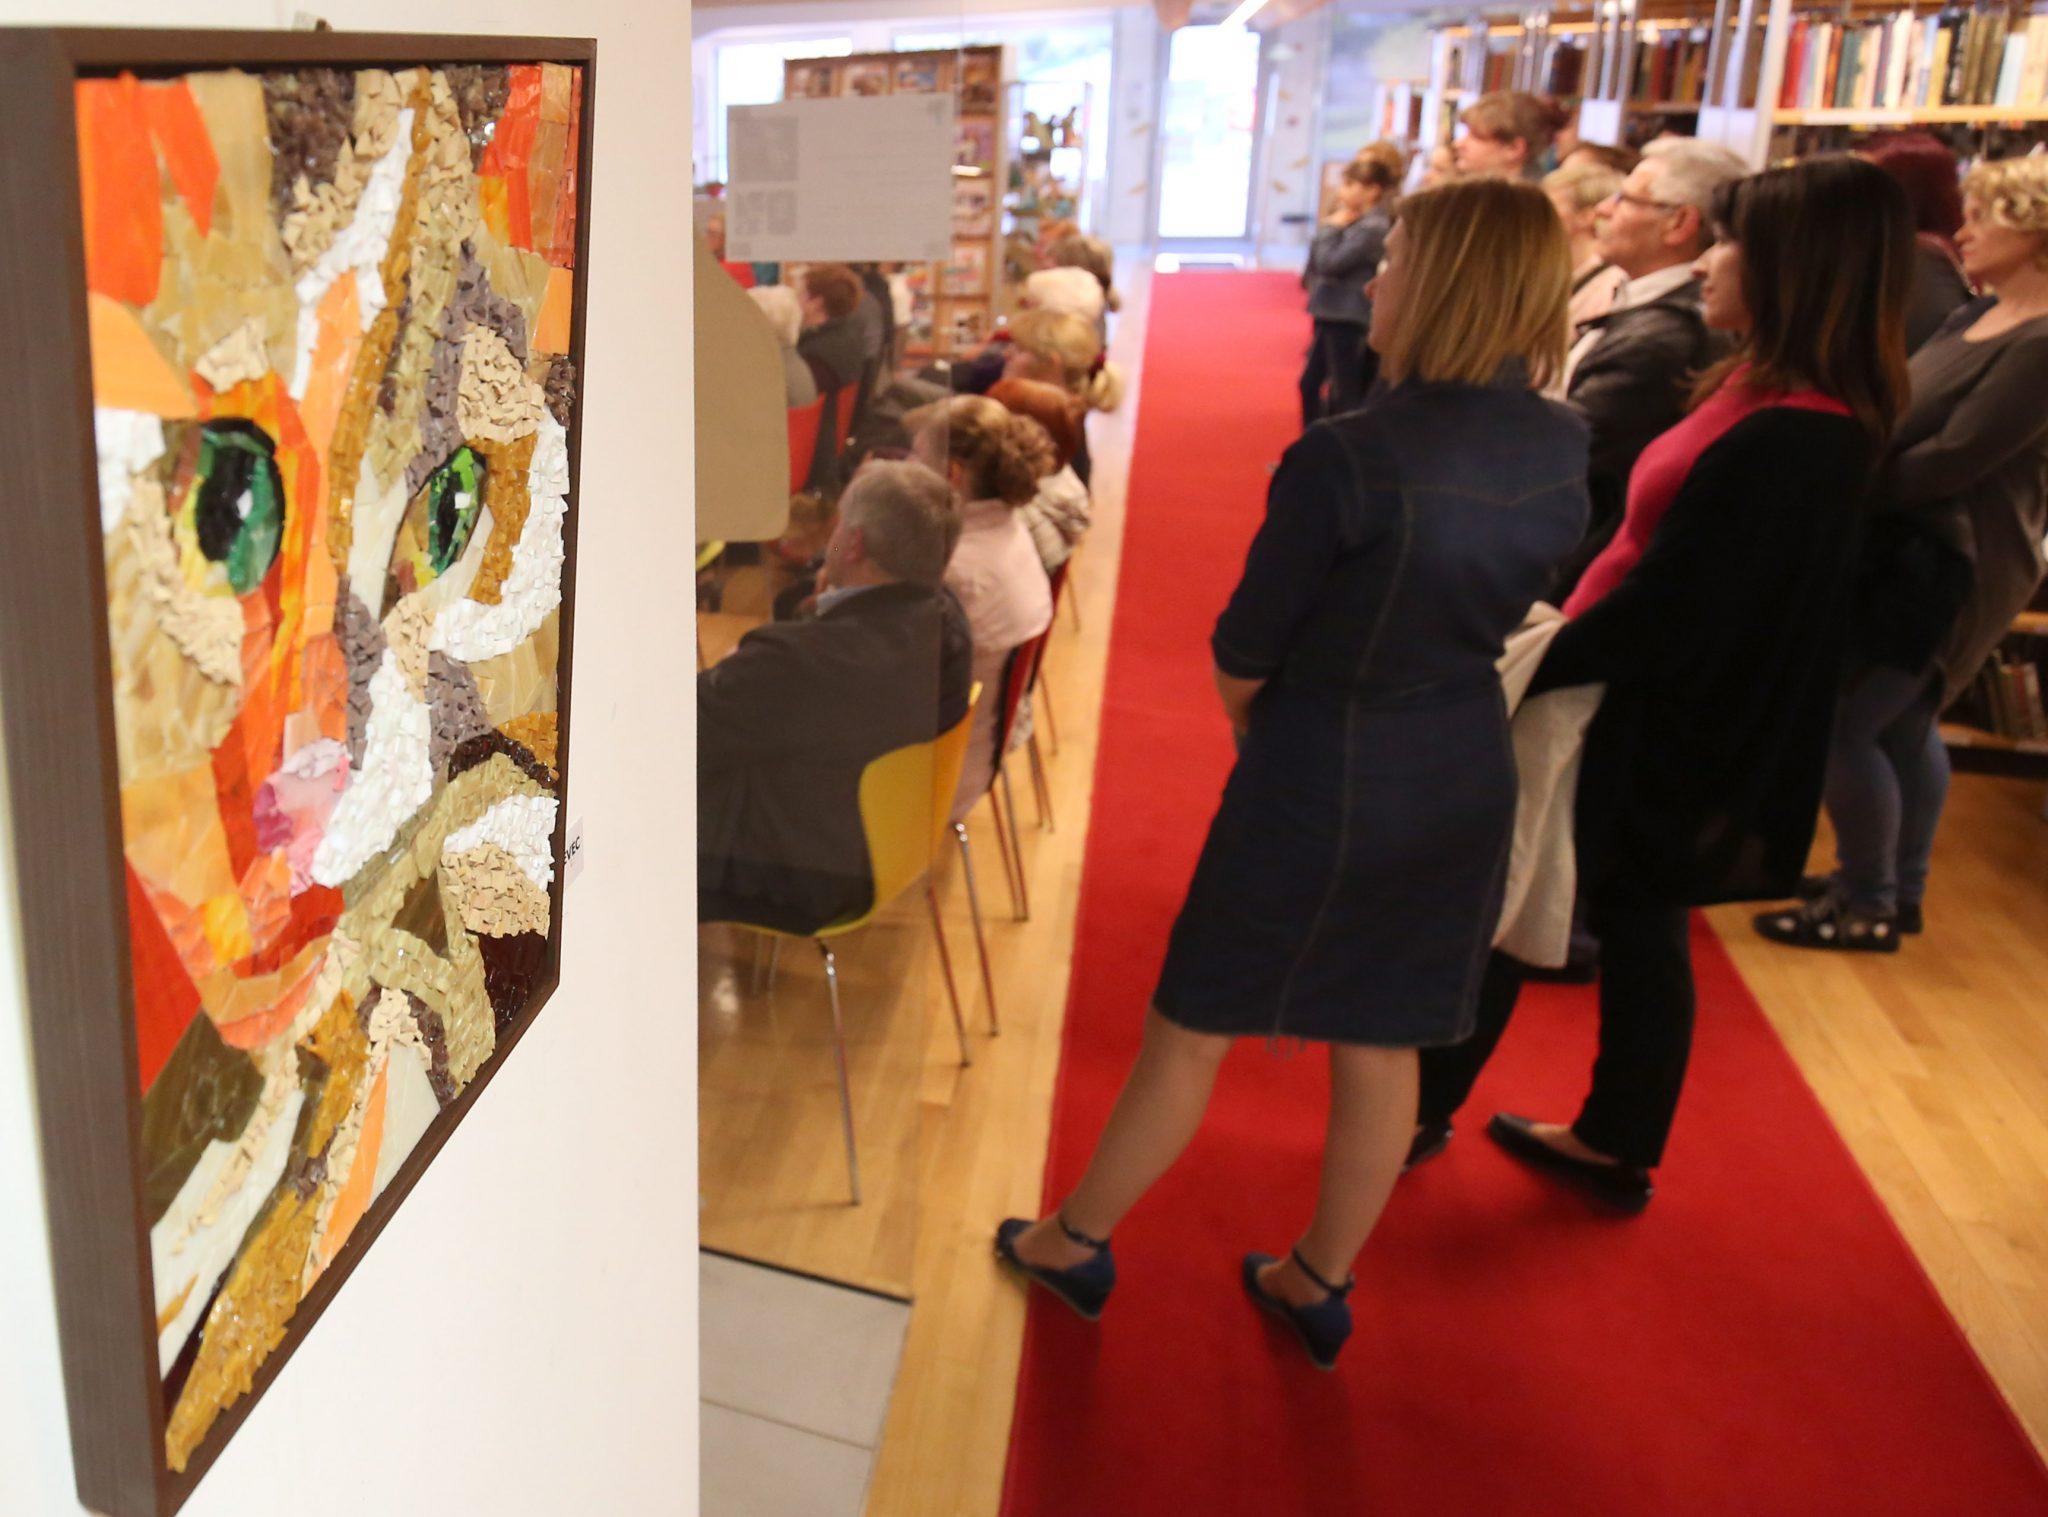 RAZSTAVA MOZAIKOV 08 FOTO LJUBO VUKELIČ - Odprtje razstave - Pogled v živalski svet - sekcije Mozaik KD Rak Rakek